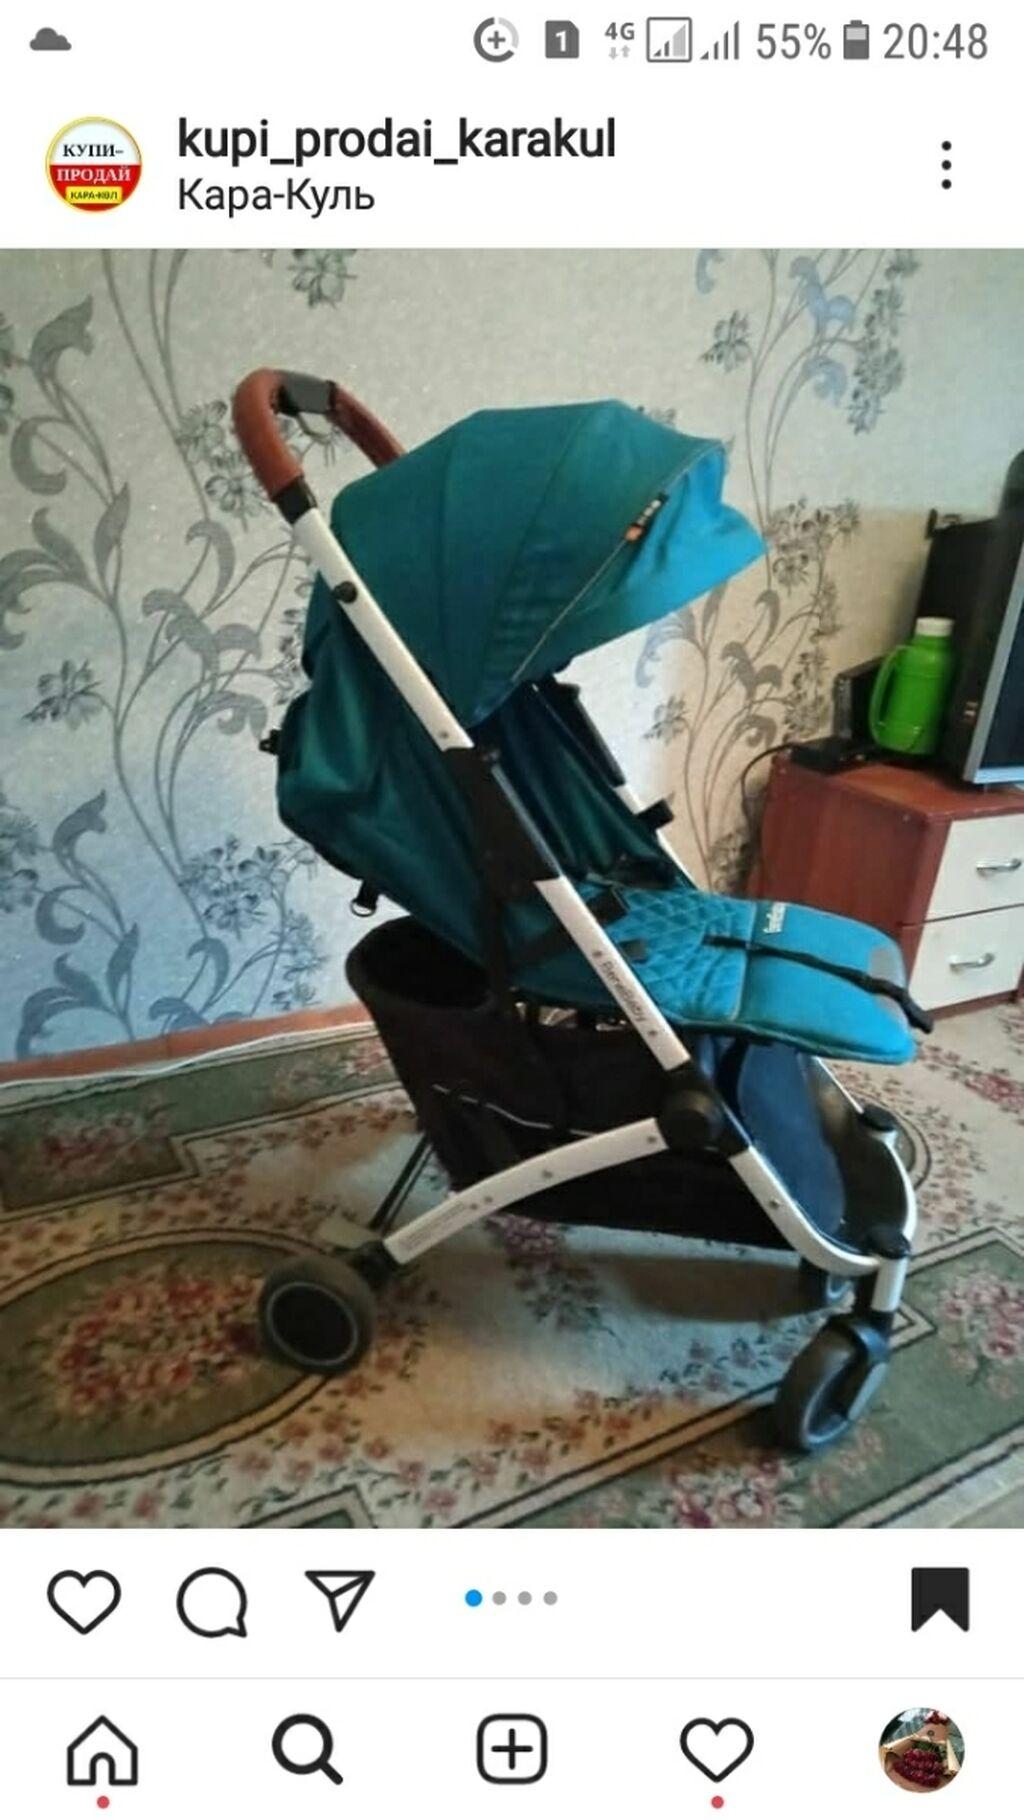 Коляска чемодан. От фирмы bene baby. Очень удобная коляска.Состояние | Объявление создано 14 Октябрь 2021 15:48:07 | КОЛЯСКИ: Коляска чемодан. От фирмы bene baby. Очень удобная коляска.Состояние